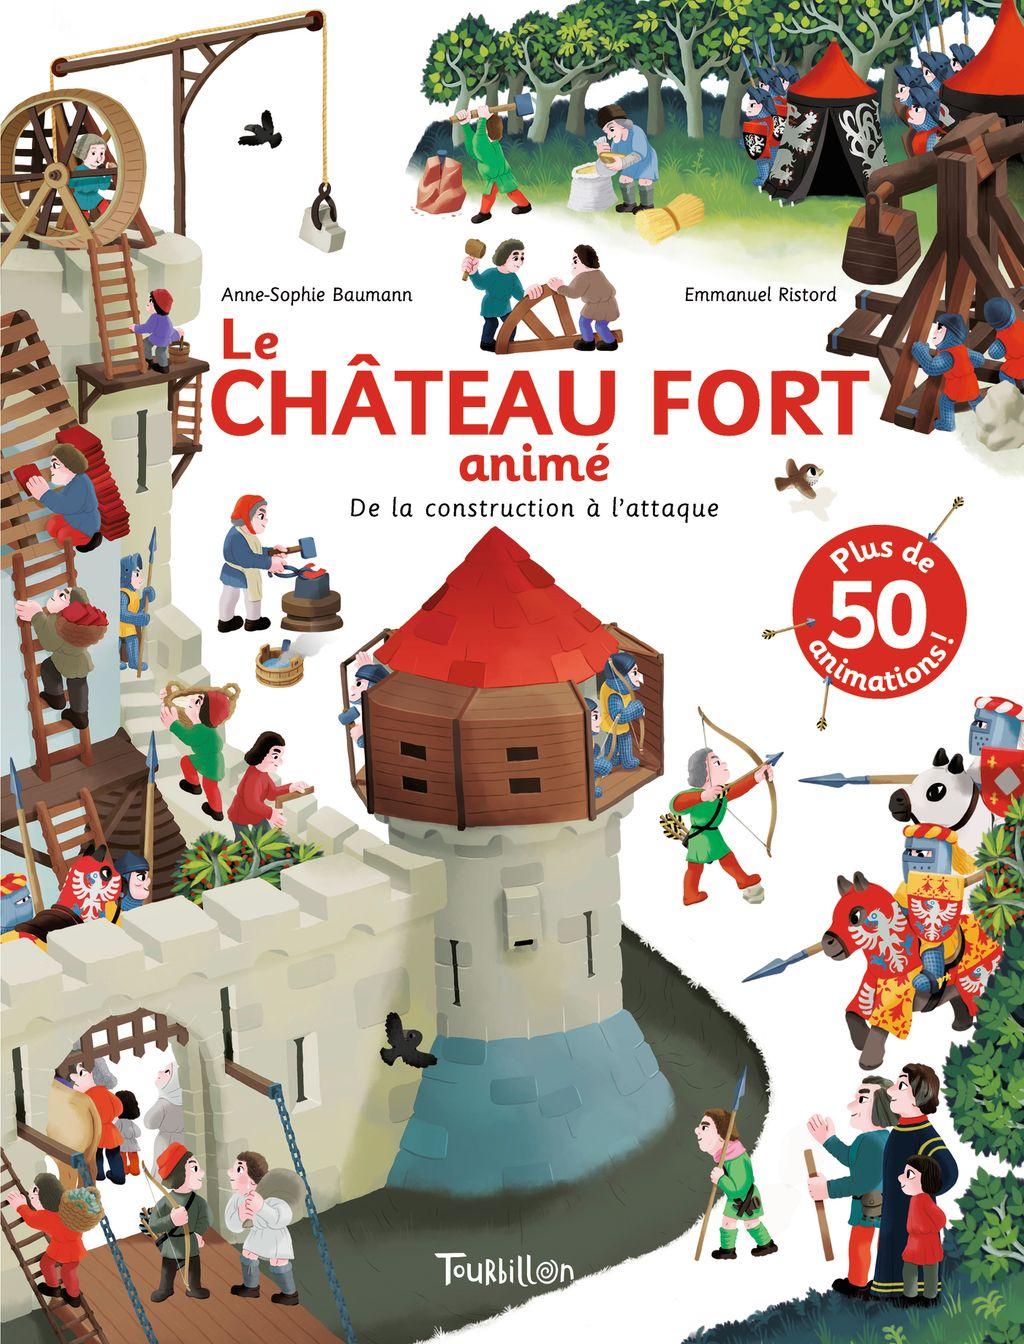 «Le Château fort animé – De la construction à l'attaque» cover